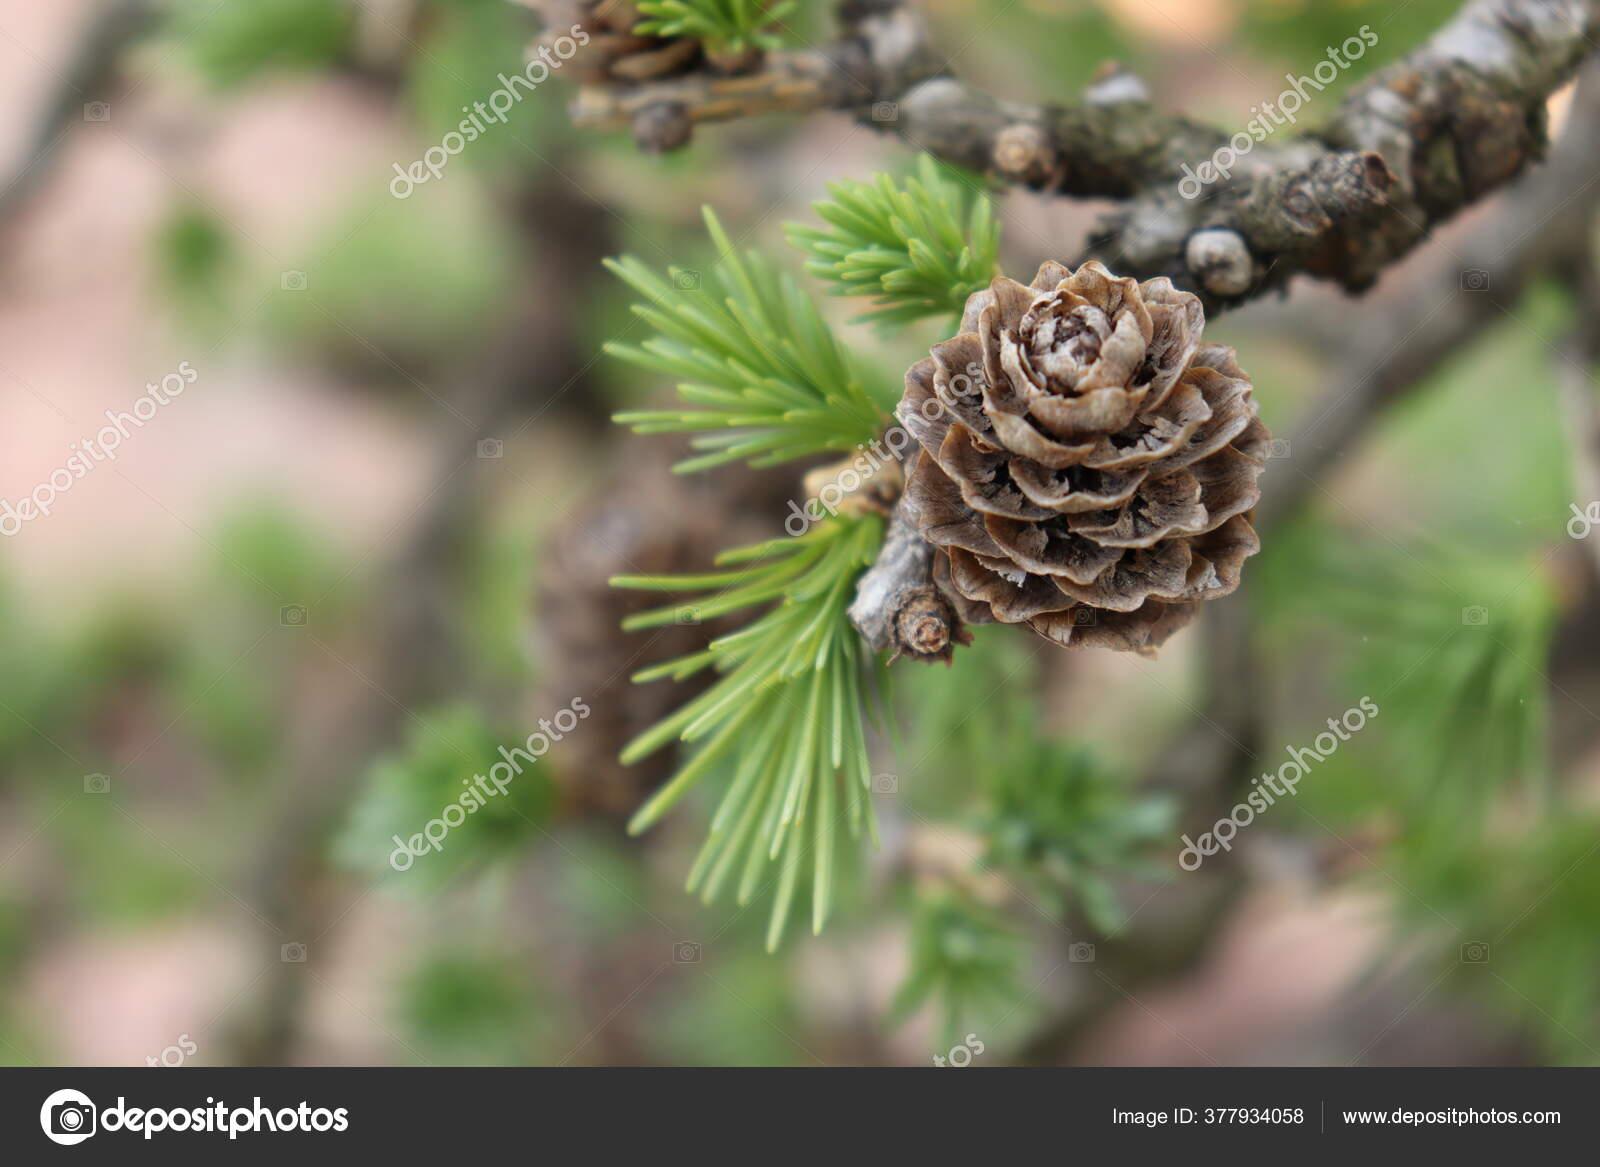 Pine Tar Stock Photos Royalty Free Pine Tar Images Depositphotos